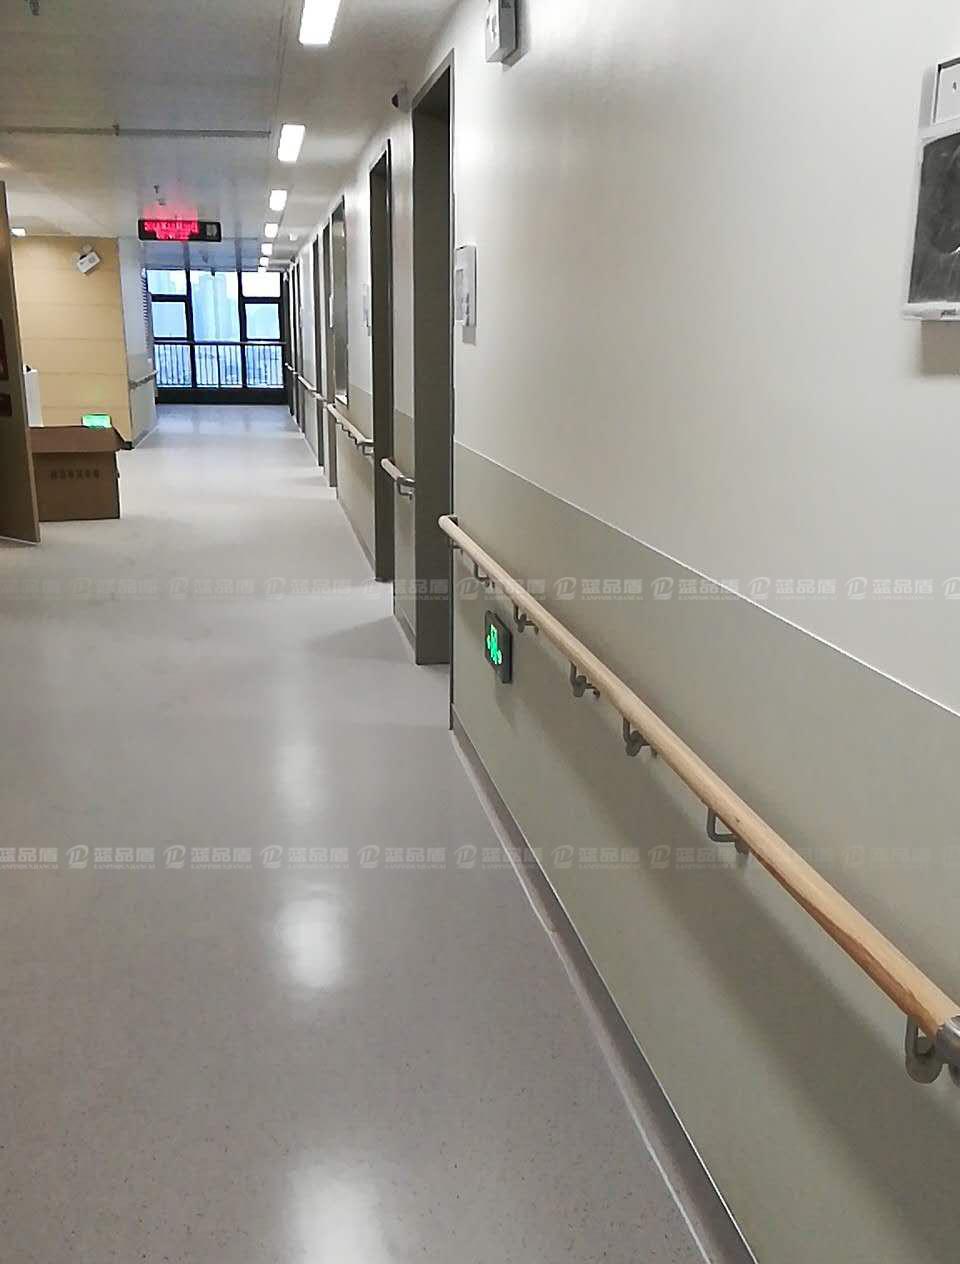 柳州市谭中路人民医院防撞扶手、卫生间扶手现场图